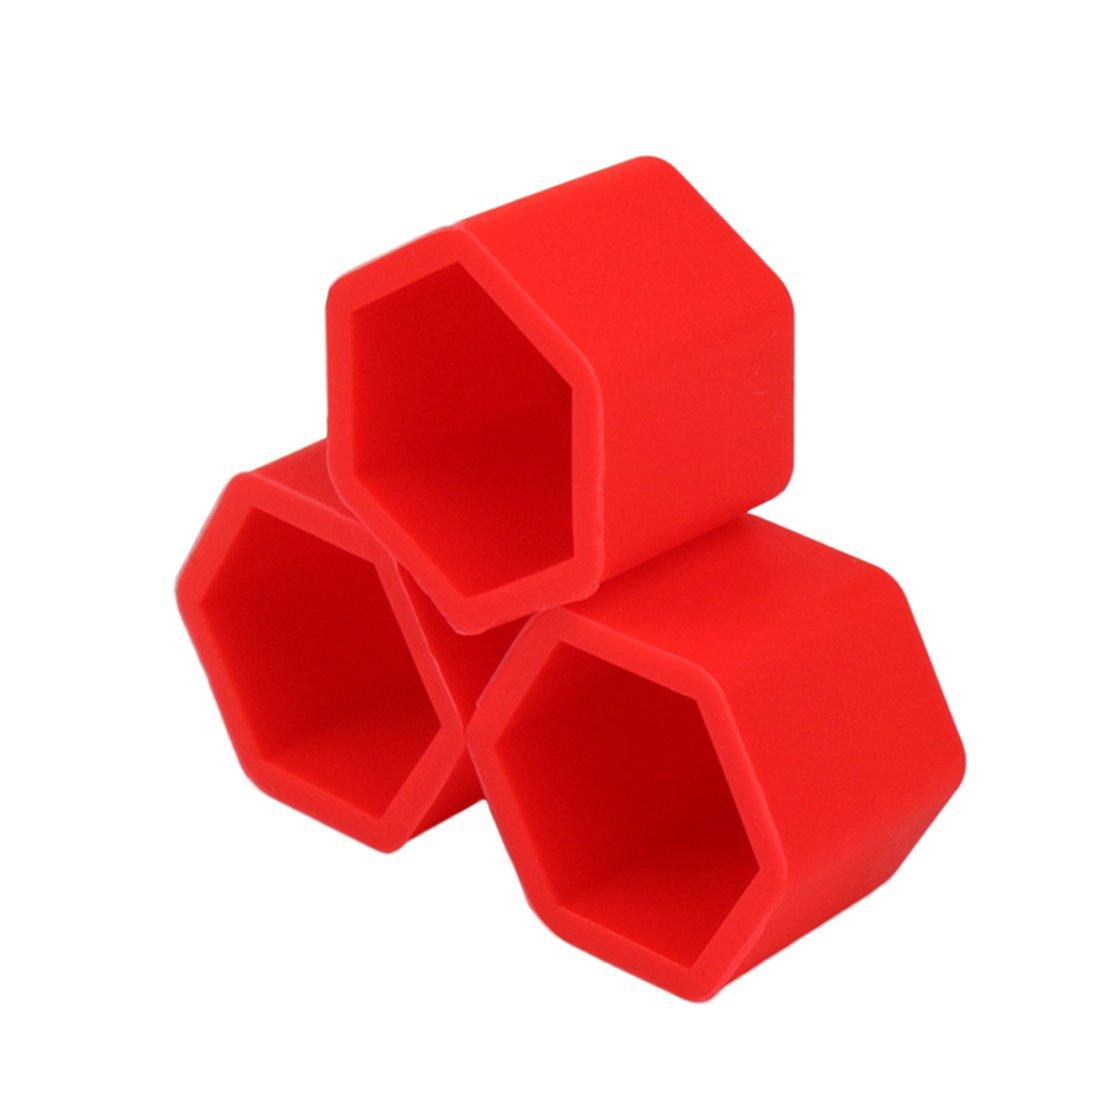 Larcele Silicone Couvercle de Boulon de Roue de Voiture Pneus Vis Capuchon 19mm 20 Pi/èces LSBHT-01 Rouge